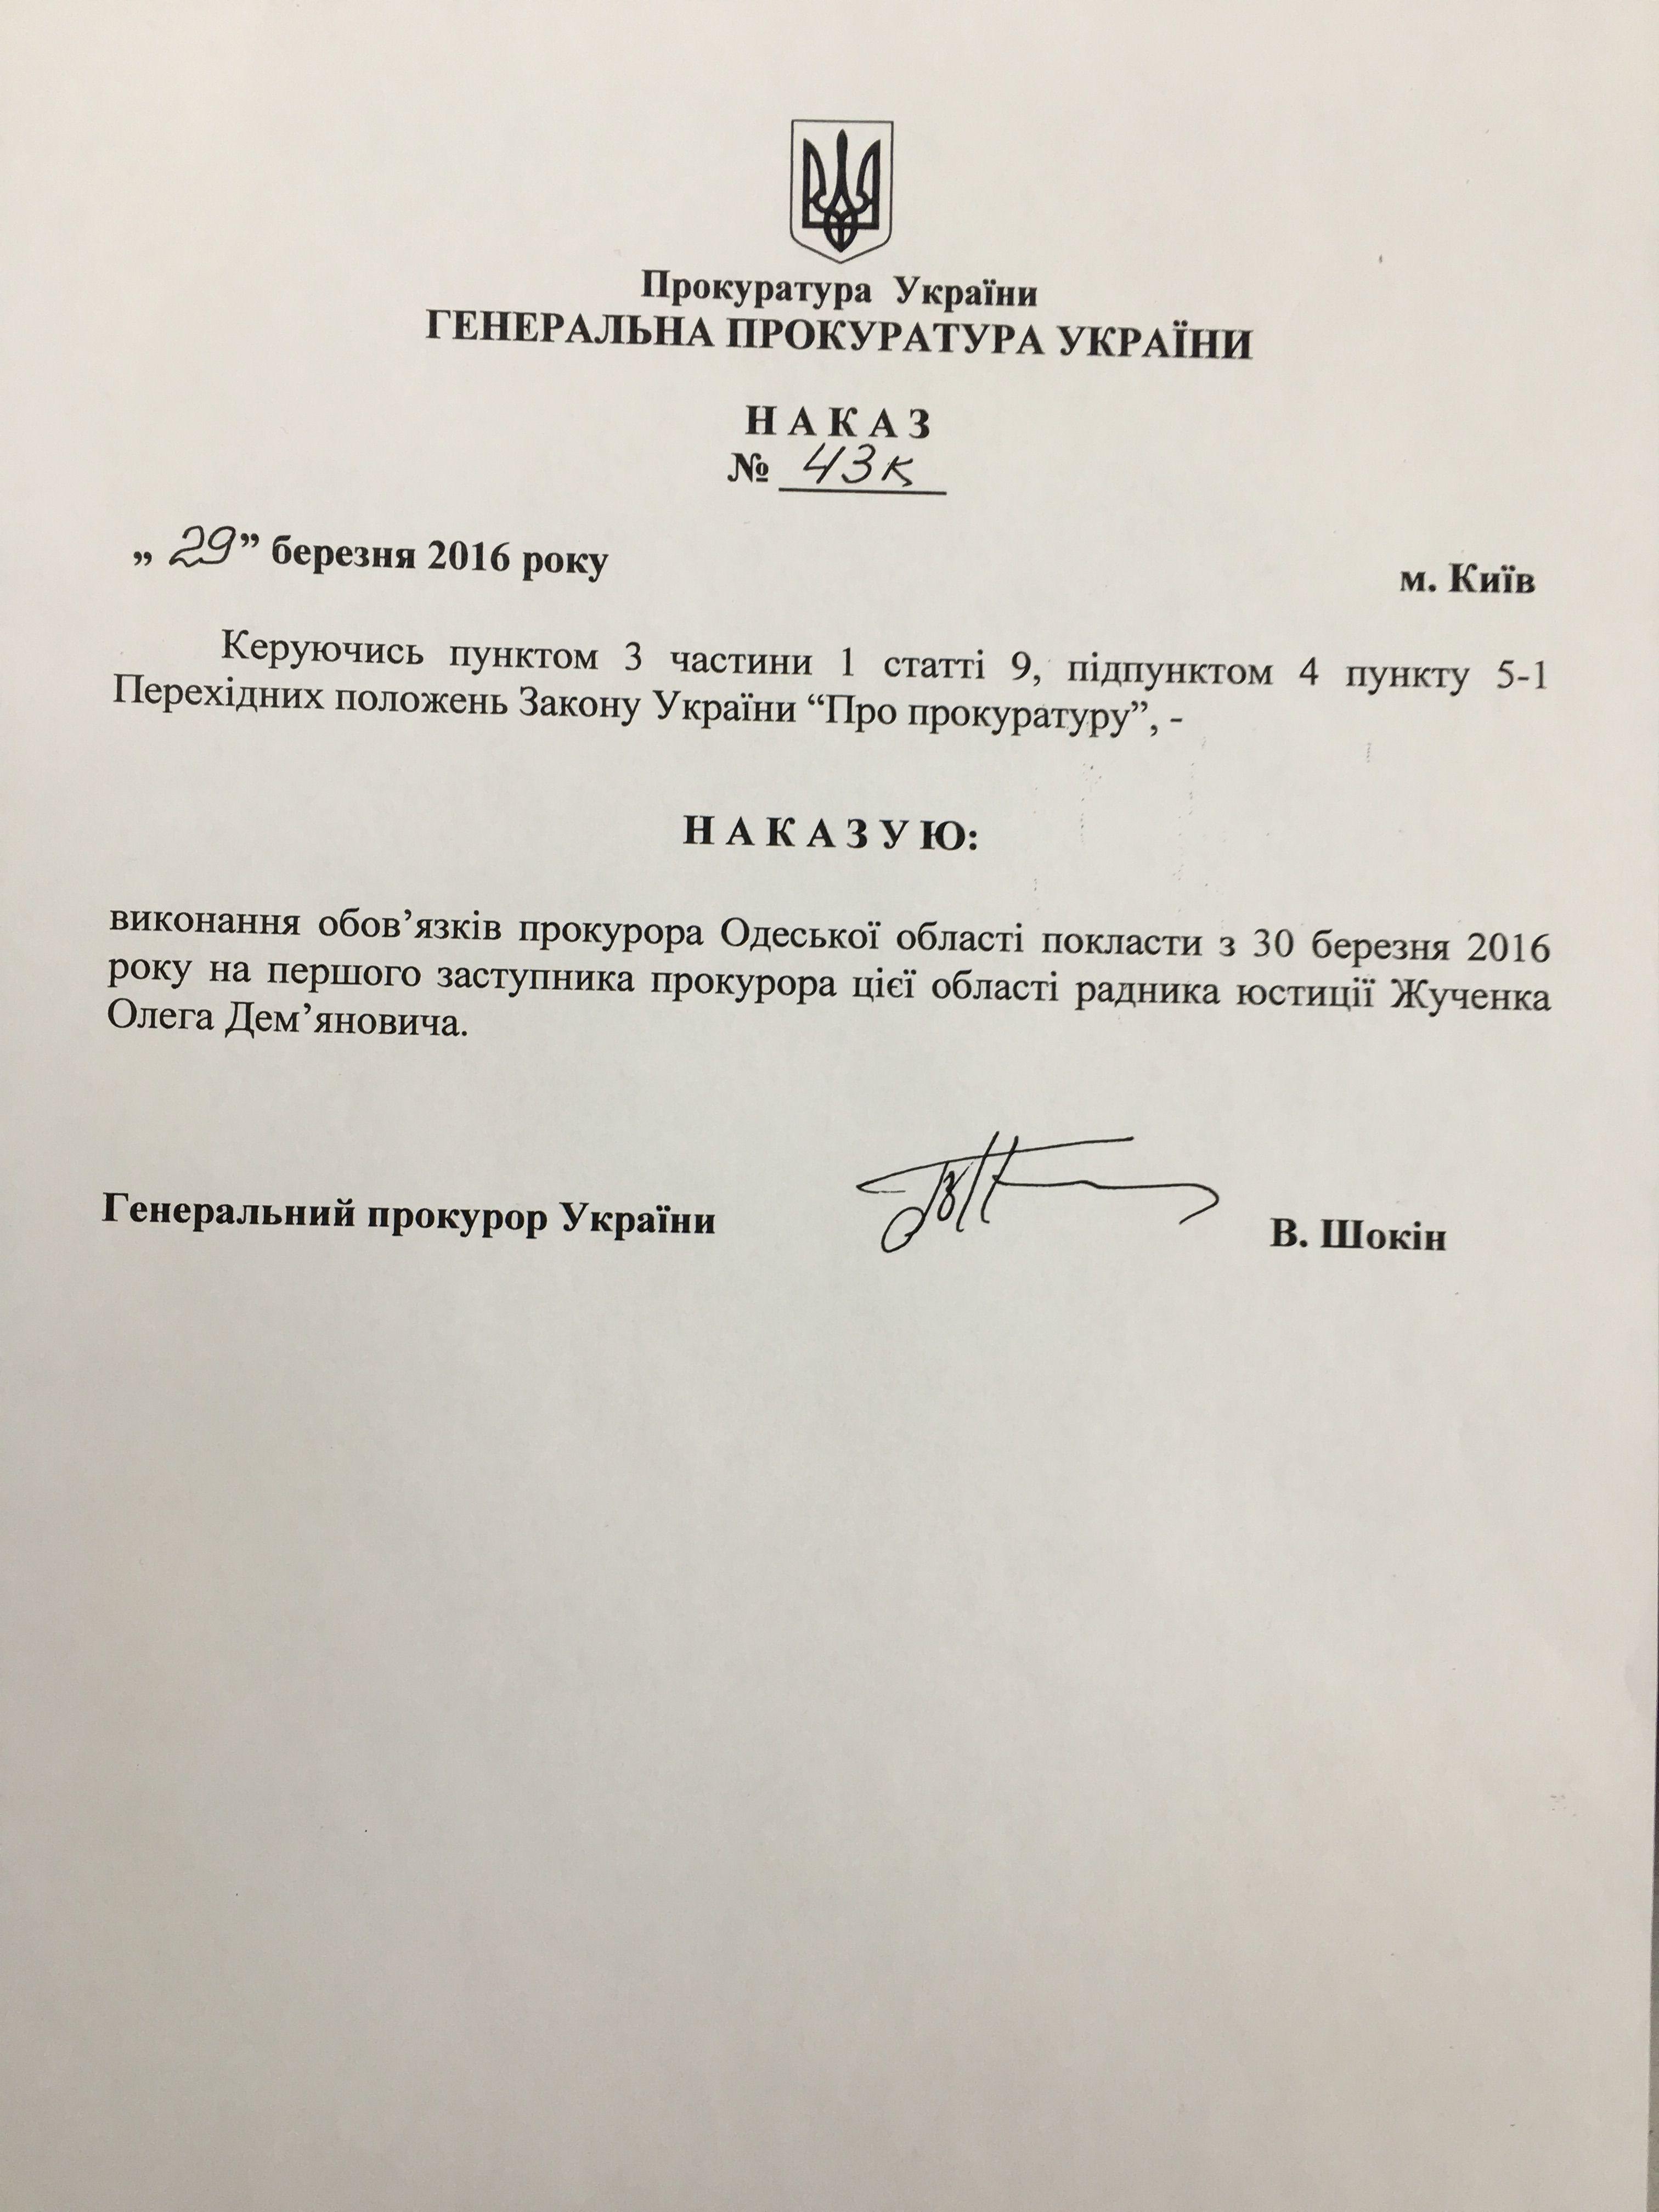 Шокін звільнив Сакваралідзе (ДОКУМЕНТ) - фото 1